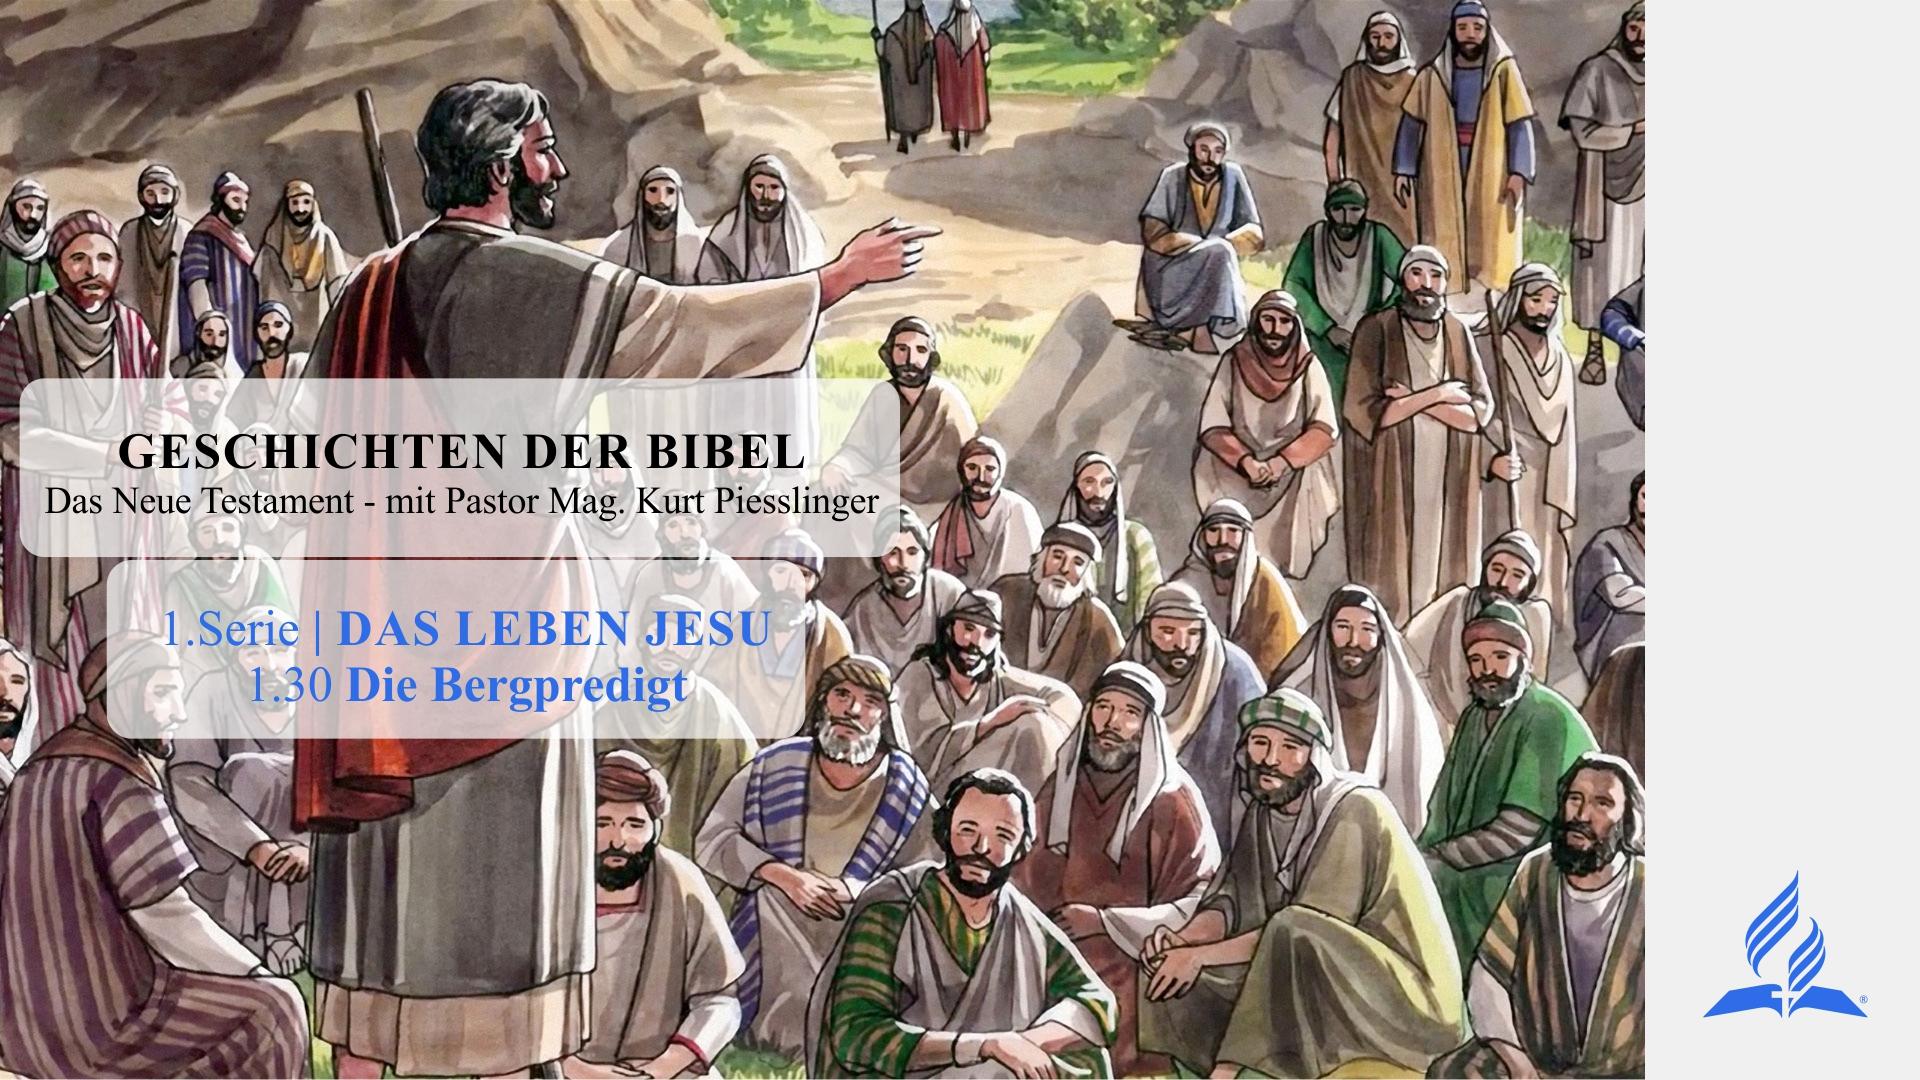 GESCHICHTEN DER BIBEL: 1.30 Die Bergpredigt – 1.DAS LEBEN JESU | Pastor Mag. Kurt Piesslinger